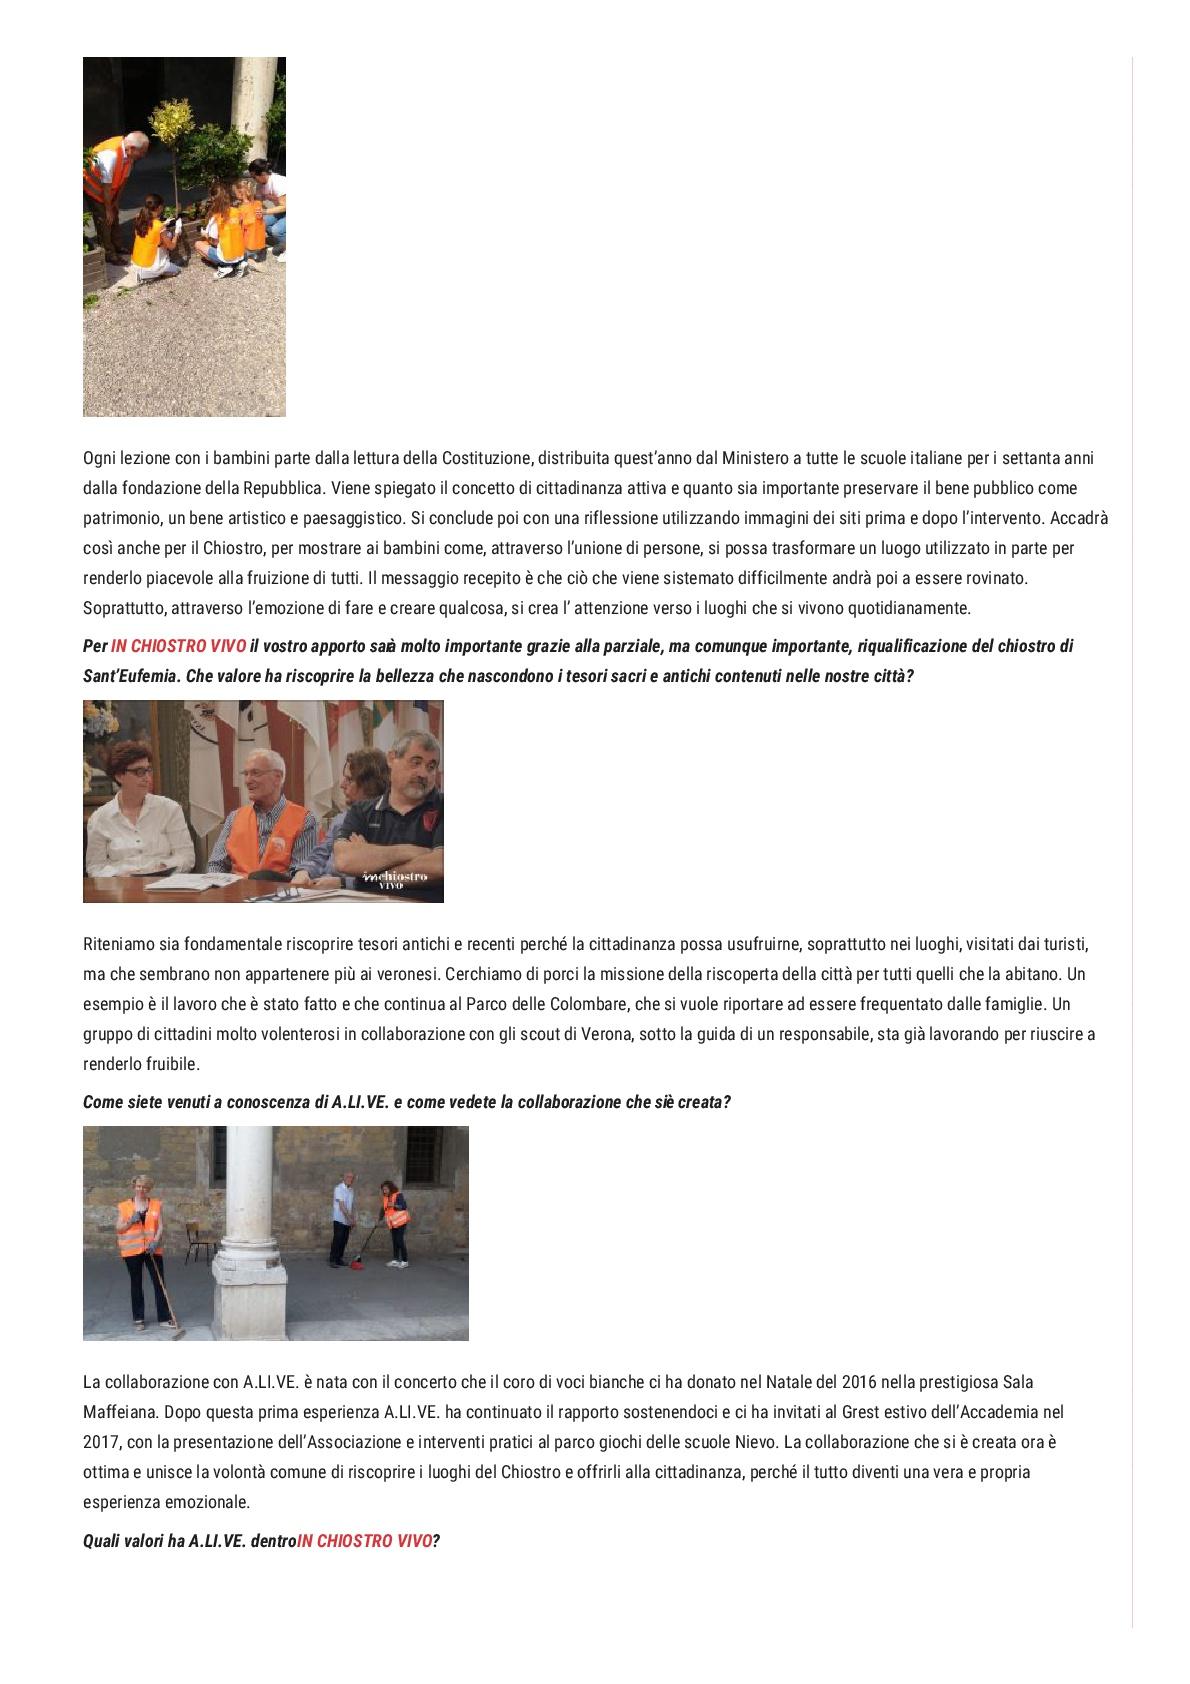 ESPERIENZA-EMOZIONALE-A-IN-CHIOSTRO-VIVO---A.LI.VE.-Accademia-Lirica-Verona-(1)-002